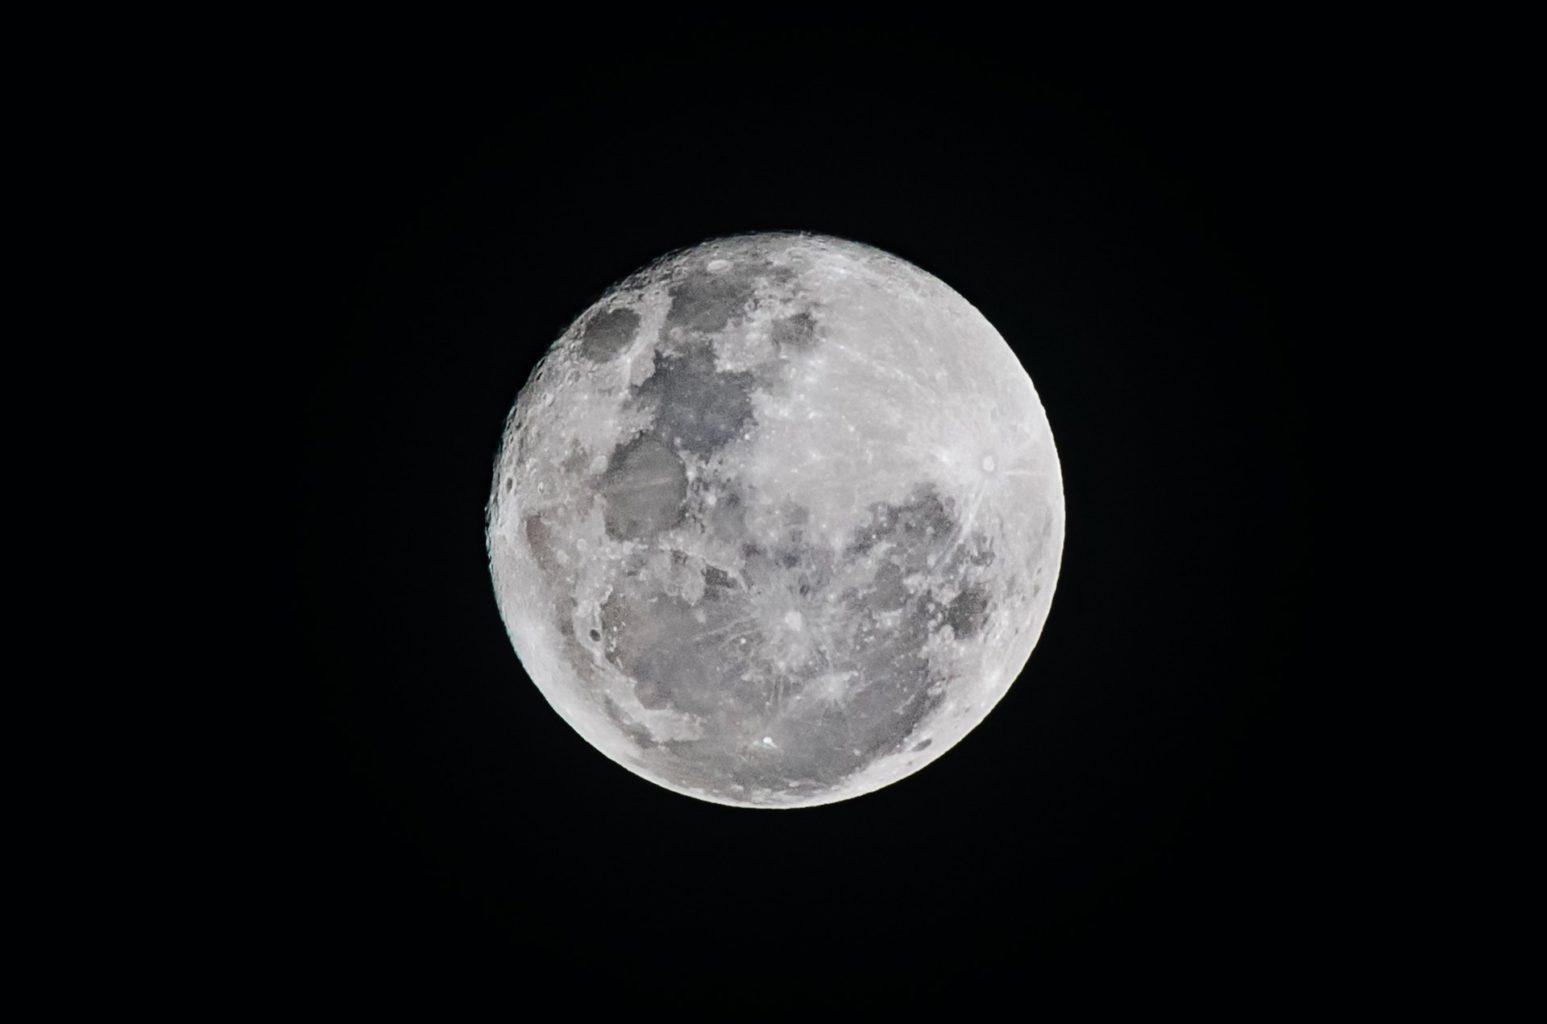 Неожиданные вещи, которые оставили космонавты на поверхности Луны за 57 лет